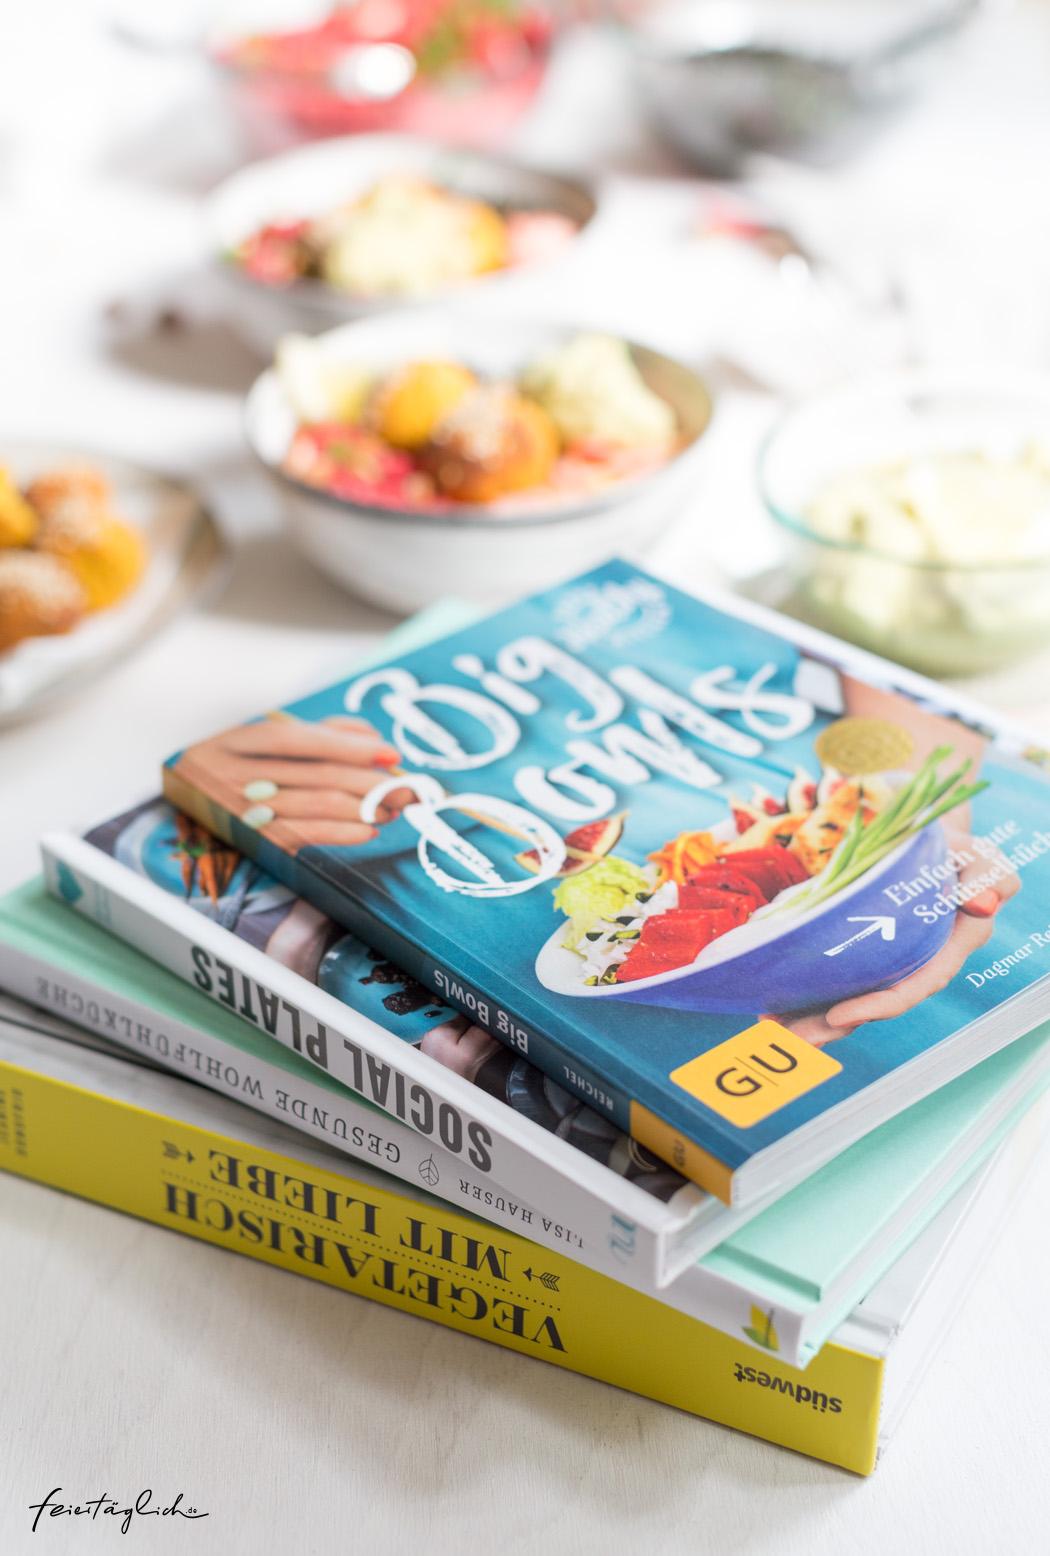 Gut, gesund, glücklich Essen – 4 Kochbuchtips (1 davon zu gewinnen) und Rezept für eine Rainbow-Buddha-Bowl